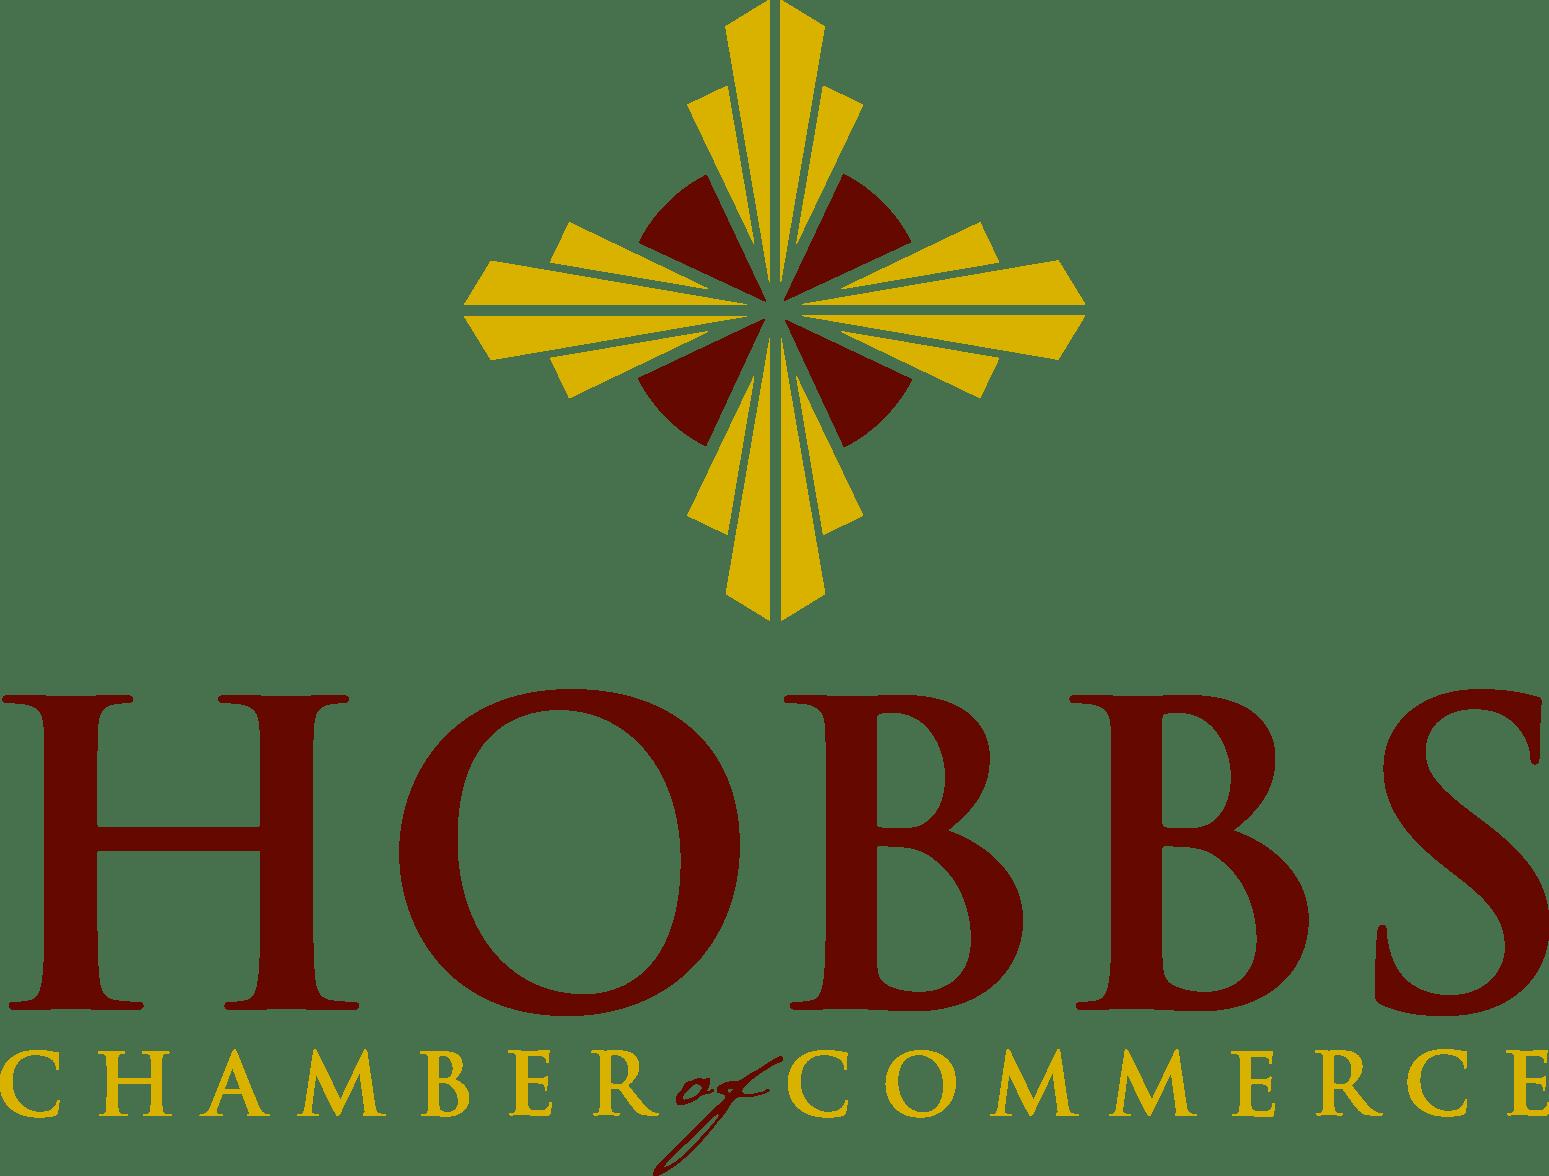 Hobbs chamber logo